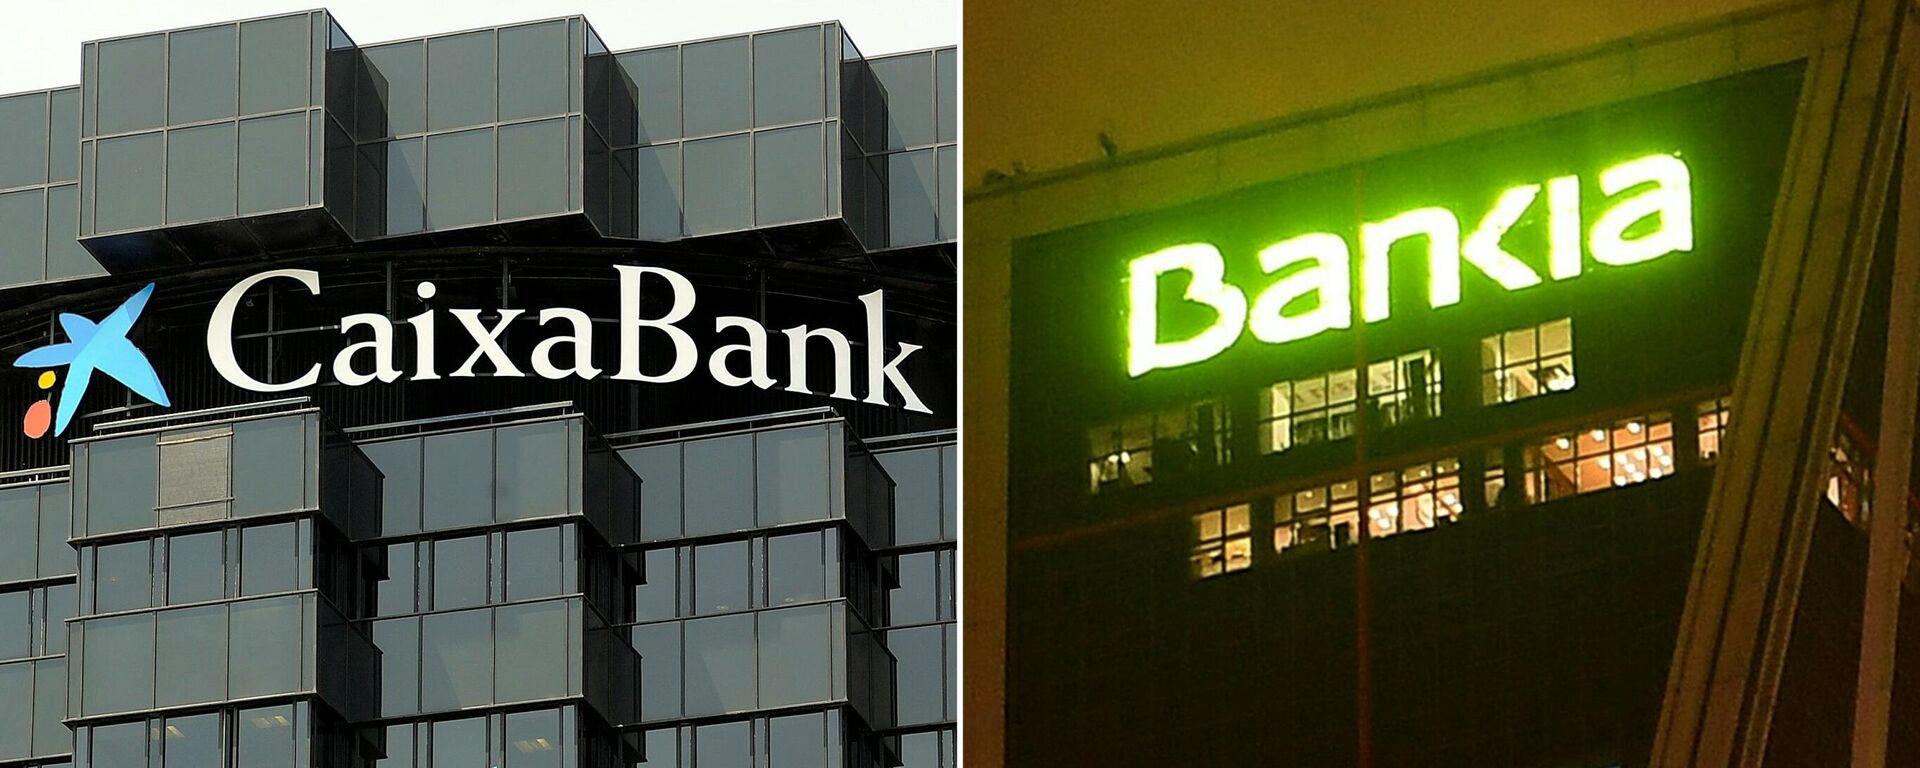 CaixaBank y Bankia se fusionan - Sputnik Mundo, 1920, 06.05.2021